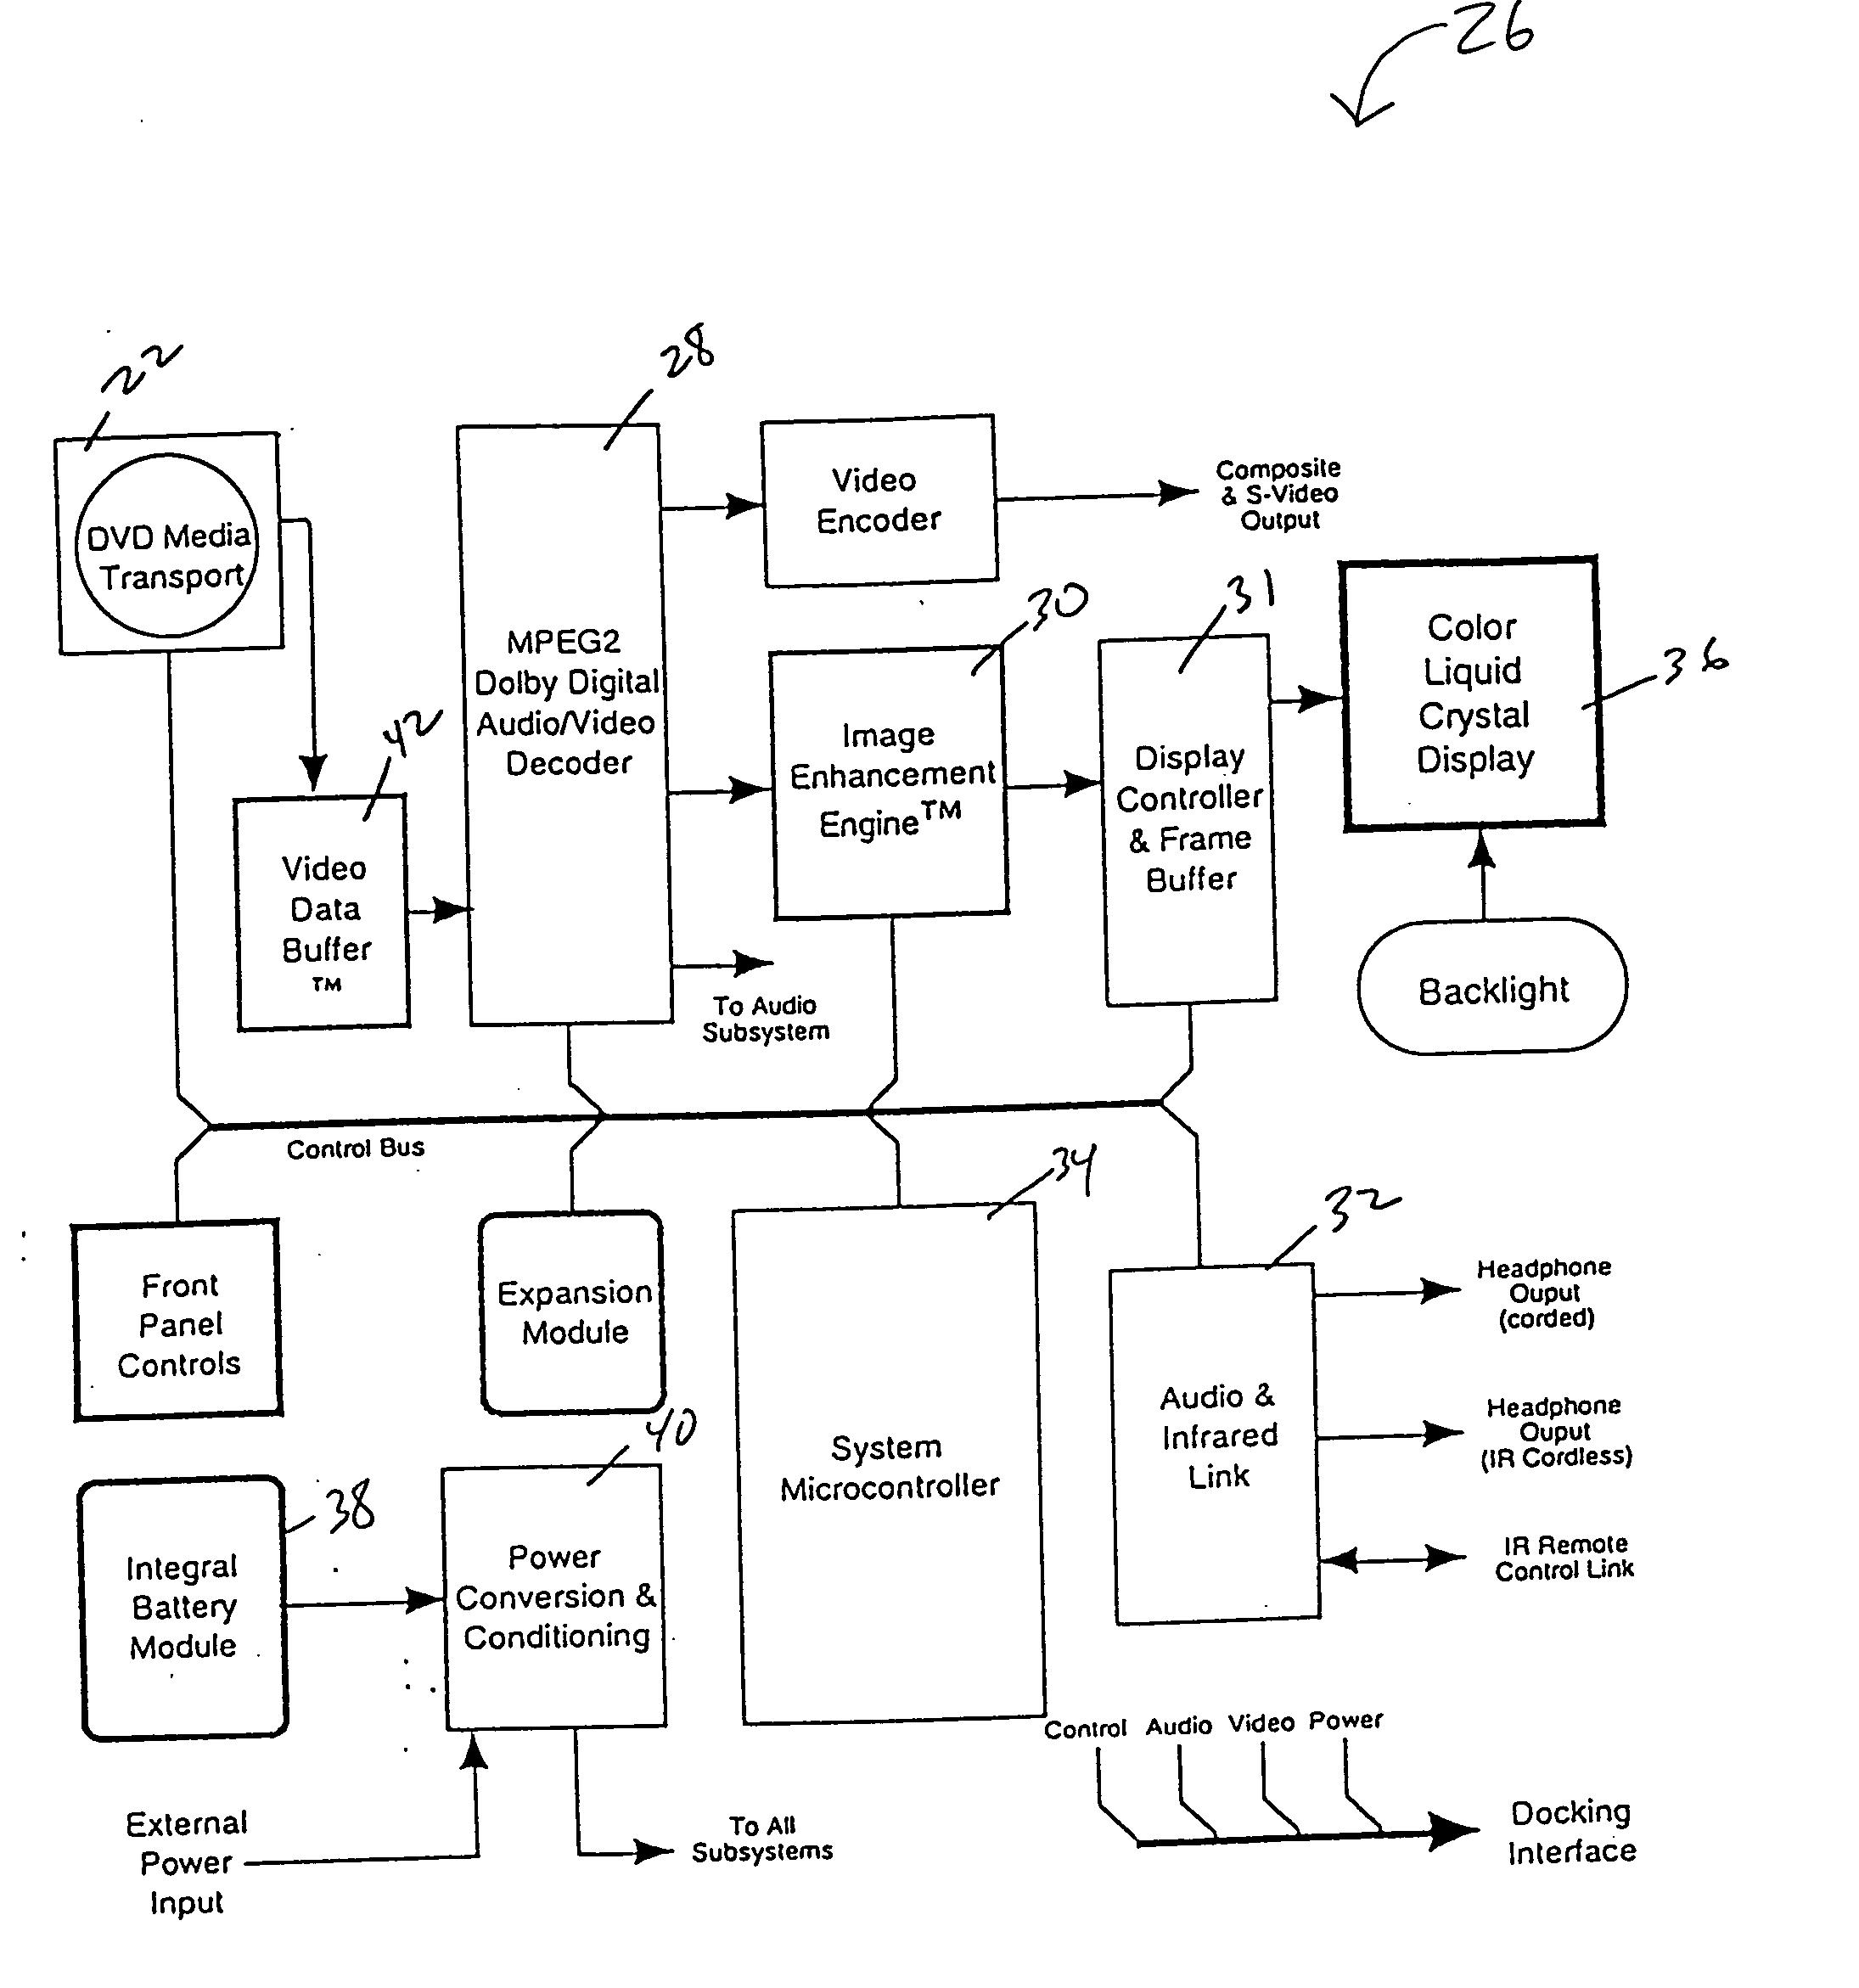 dvd player block diagram the wiring diagram dvd player block diagram vidim wiring diagram block diagram